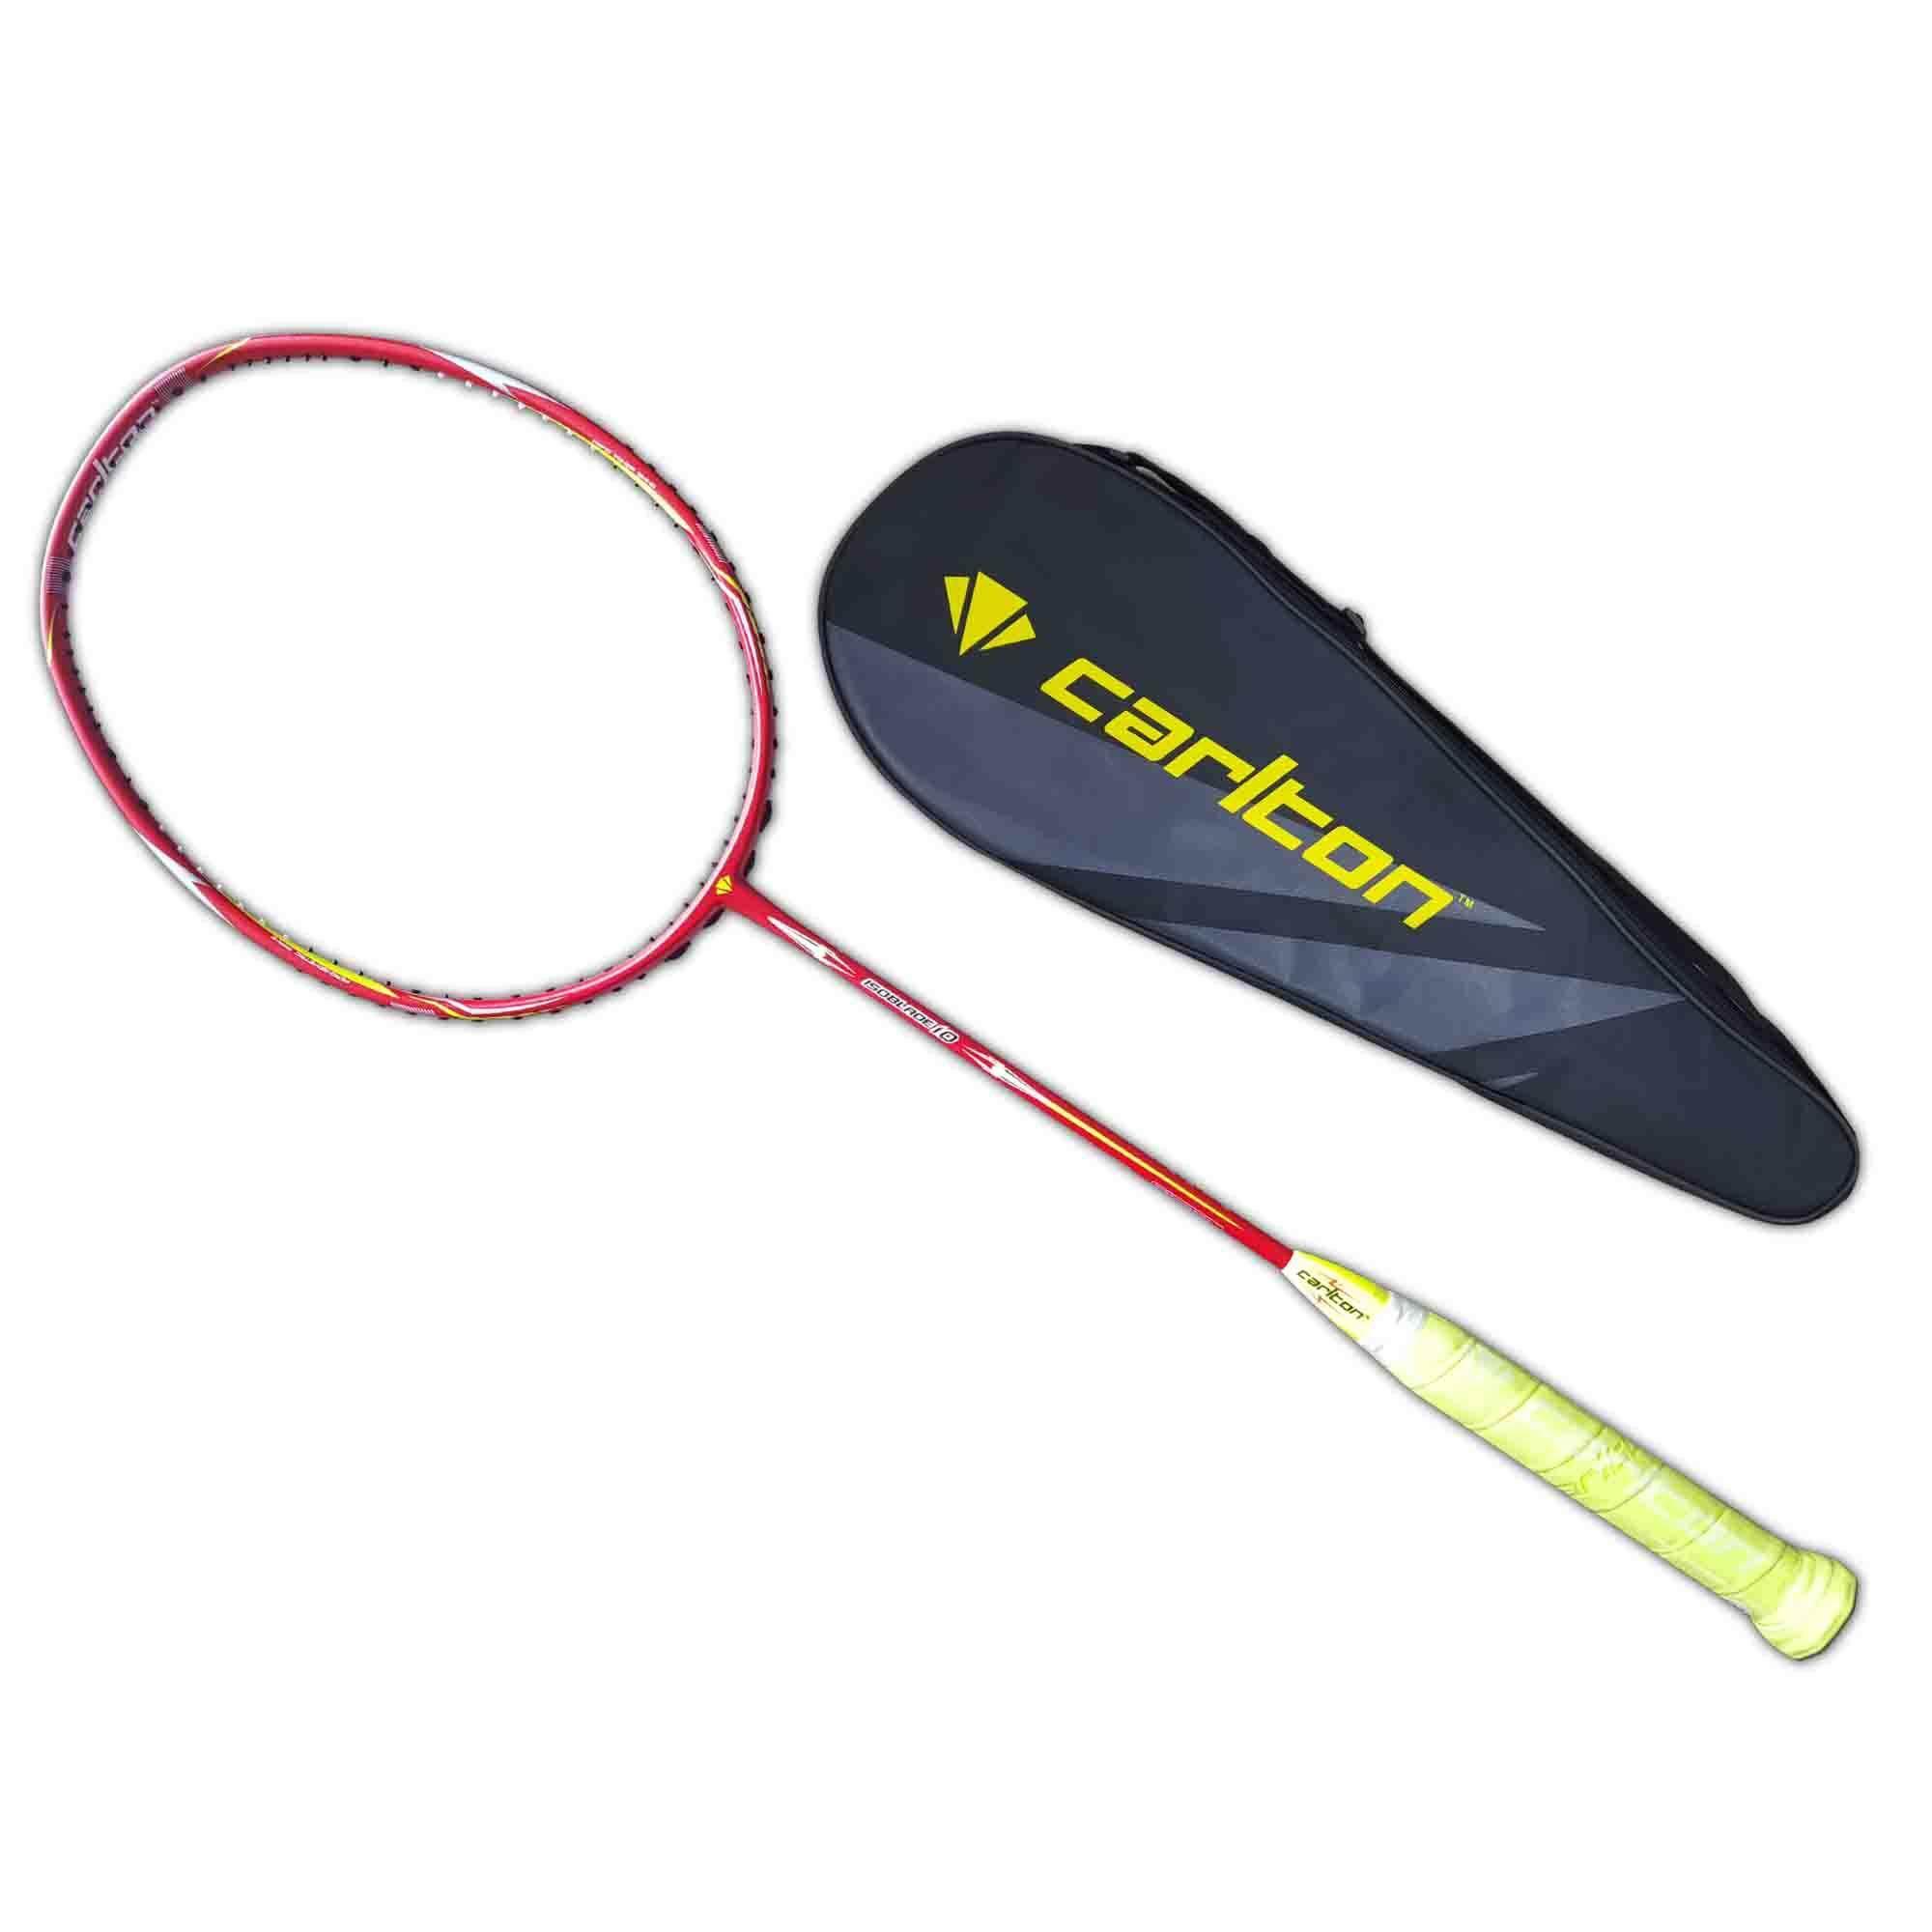 Carlton Badminton Racket Isoblade 1.0